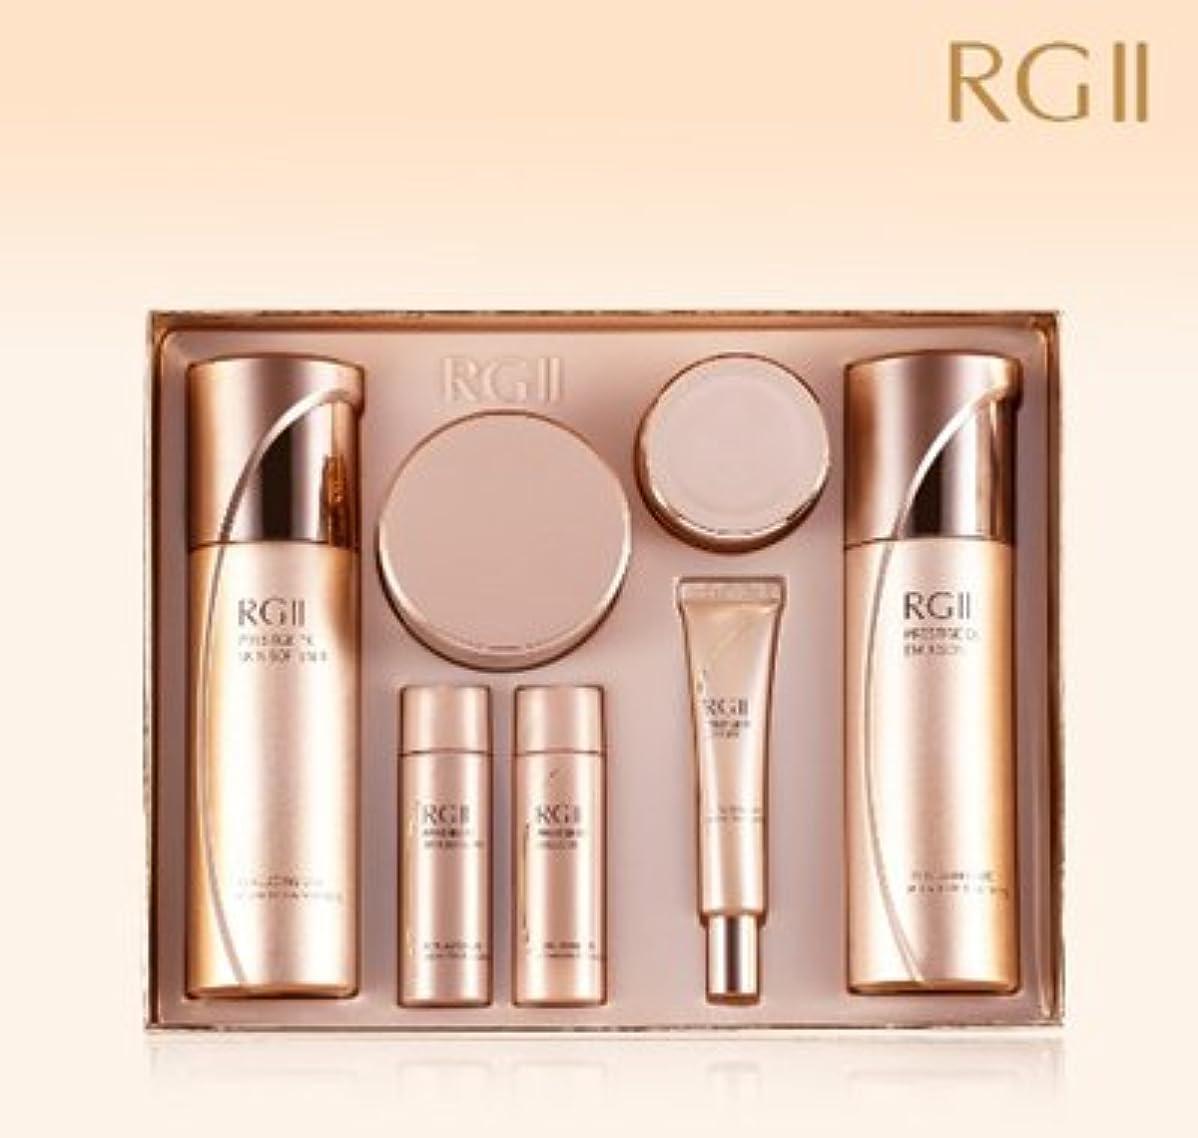 不名誉な生き返らせる装置多娜嫺[Danahan] RGll Prestige EX Skin Care 3pcs Set RGll プレステージ EX スキンケア 3種セット